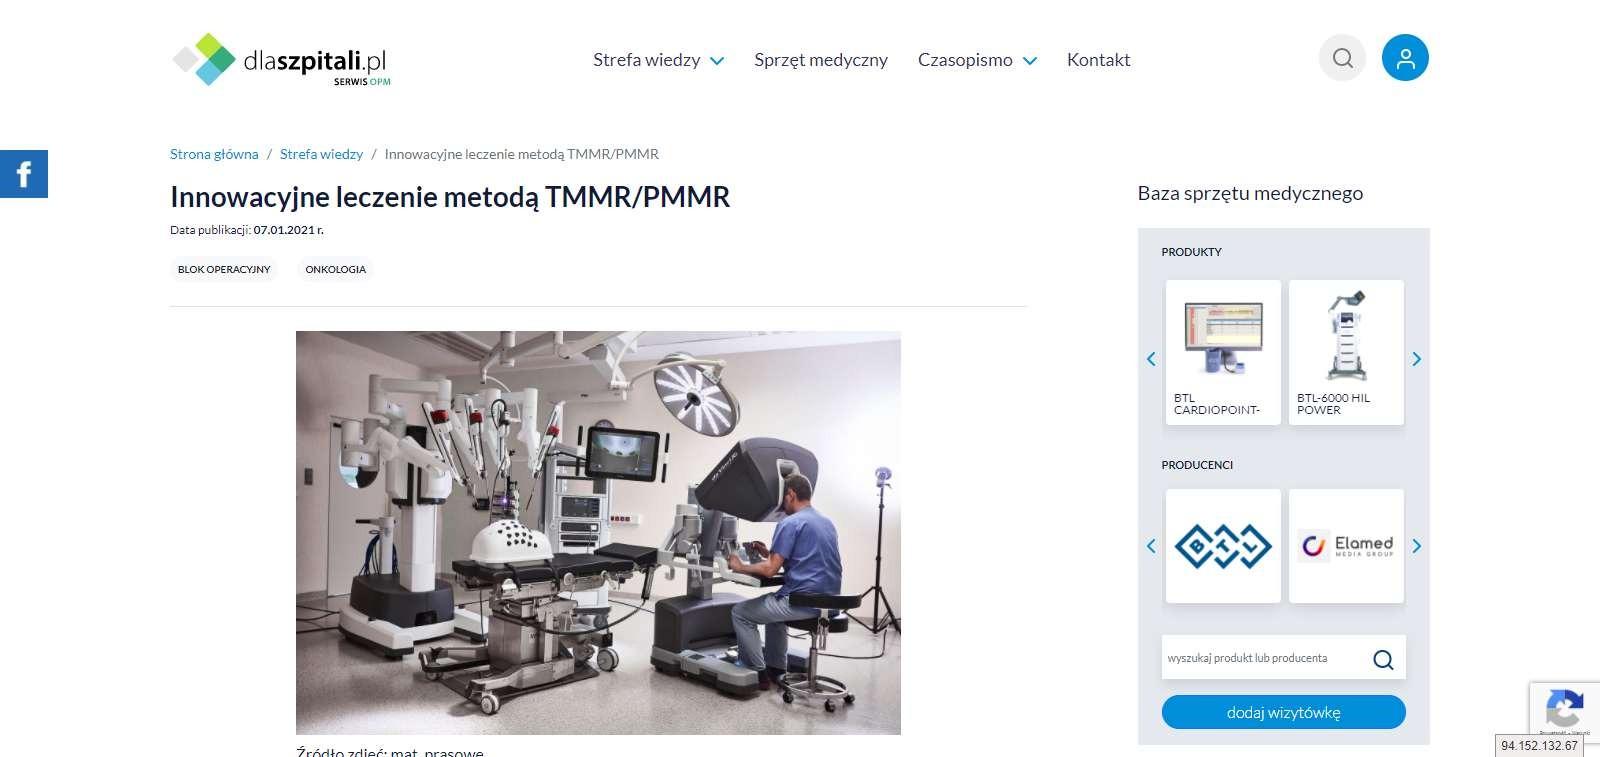 innowacyjne leczenie metoda tmmr pmmr